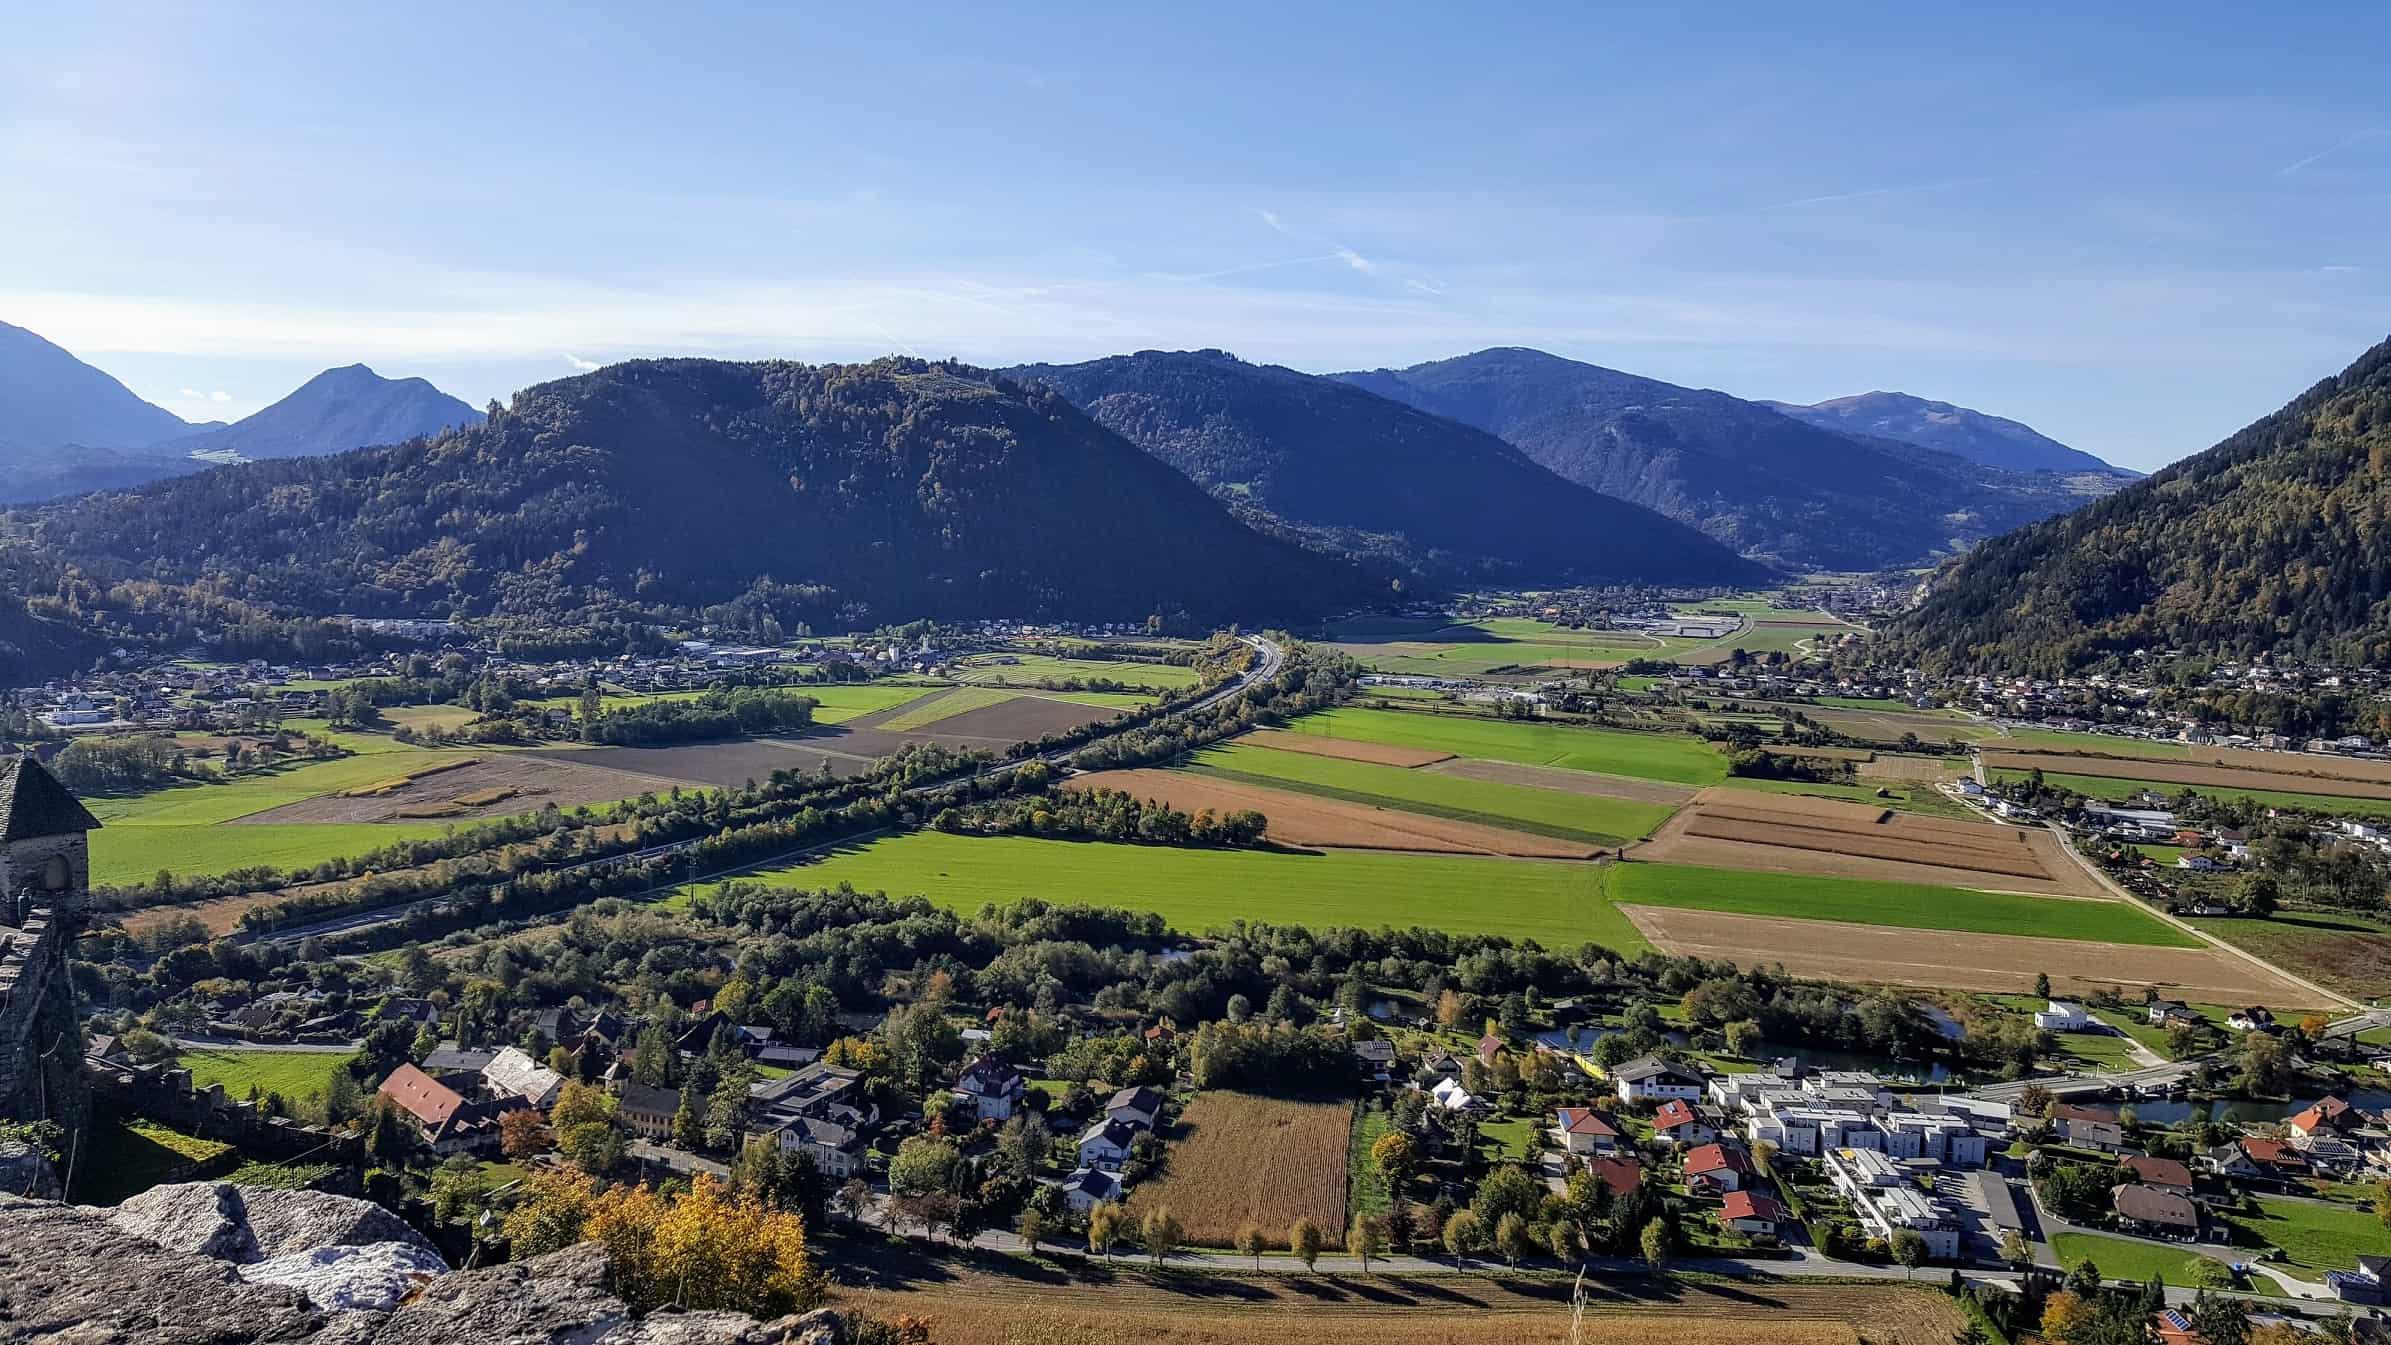 Aussicht Aderarena Burg Landskron ins Gegendtal Richtung Treffen bei Villach